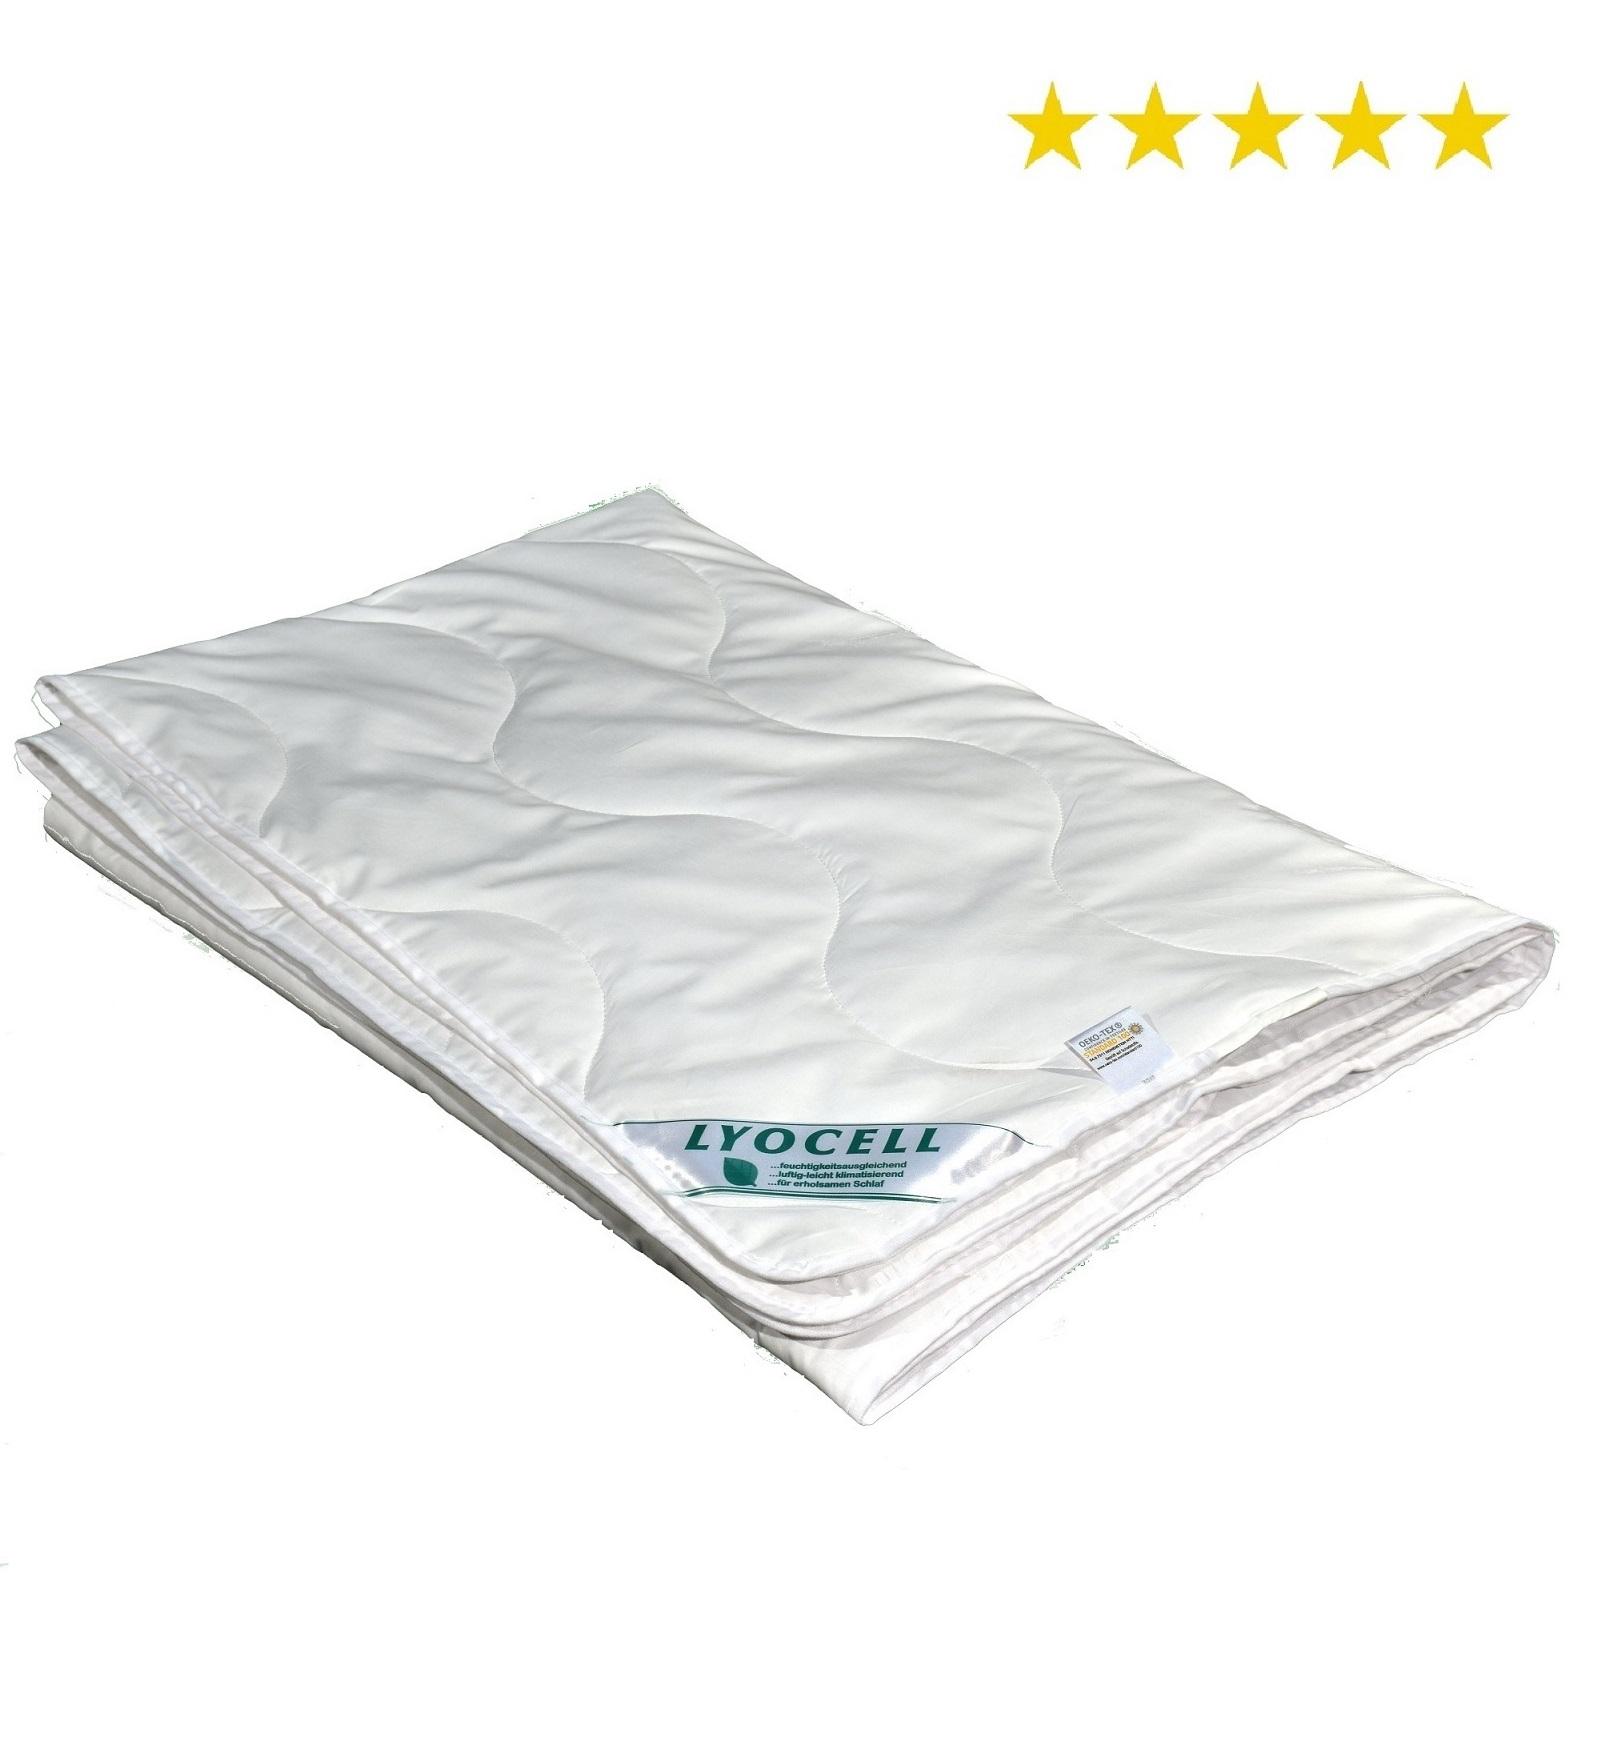 Sommerdecke super leicht Lyocell Tencel Sommerhit 100% Natur 135x200 cm 350 g FG